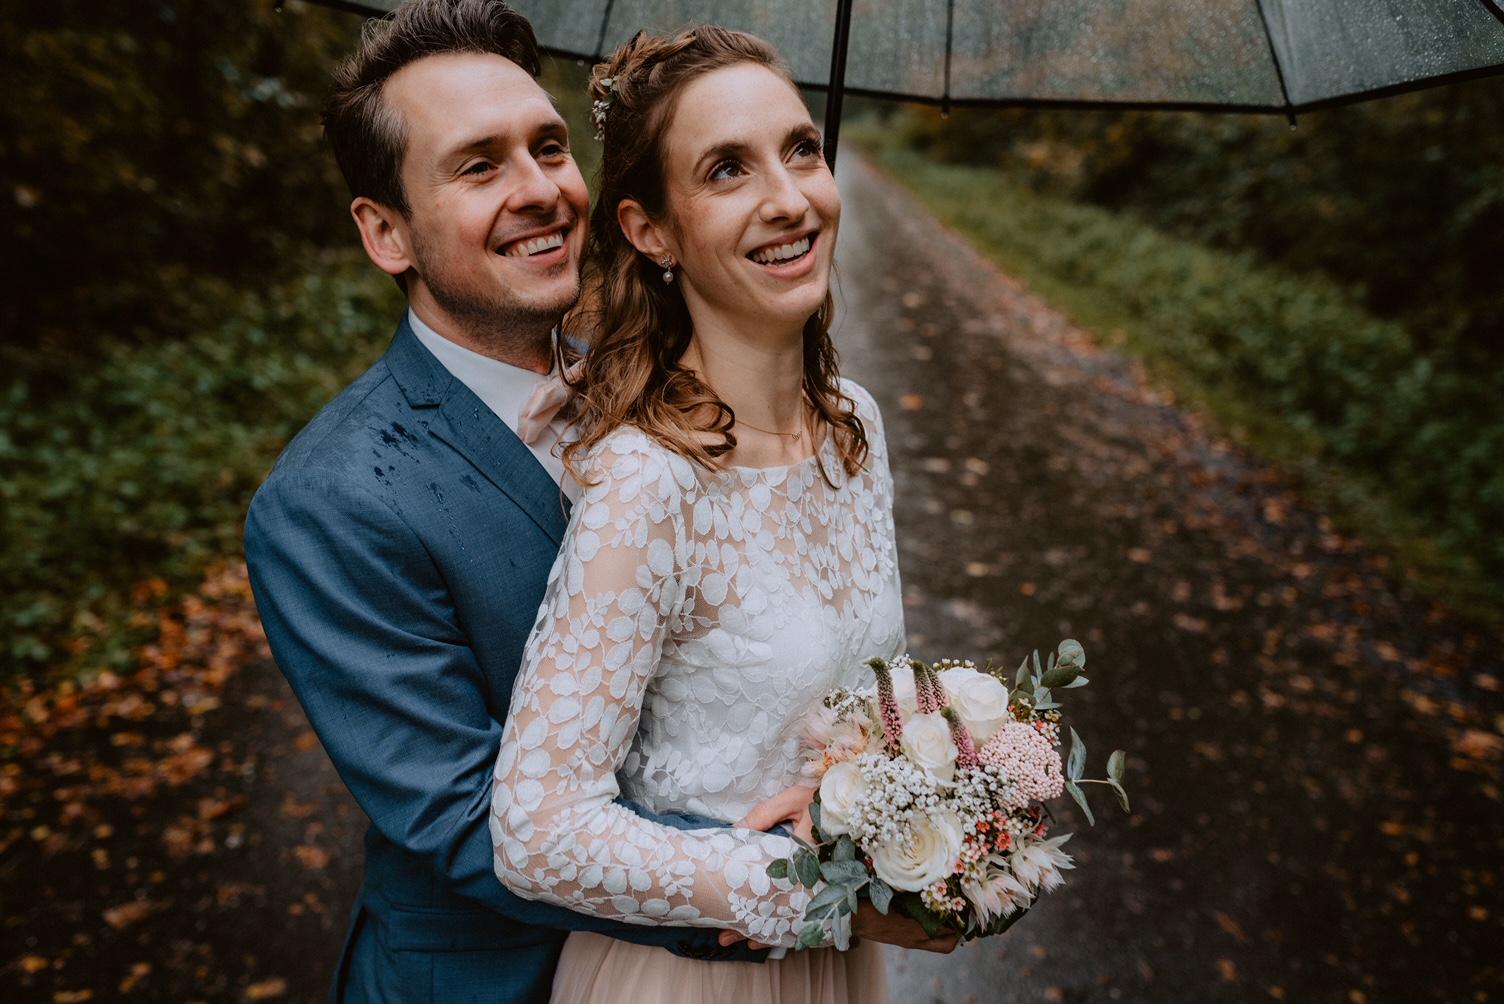 noni Brautmode, Brautpaar sich von hinten umarmend mit Brautstrauss, lächelnd